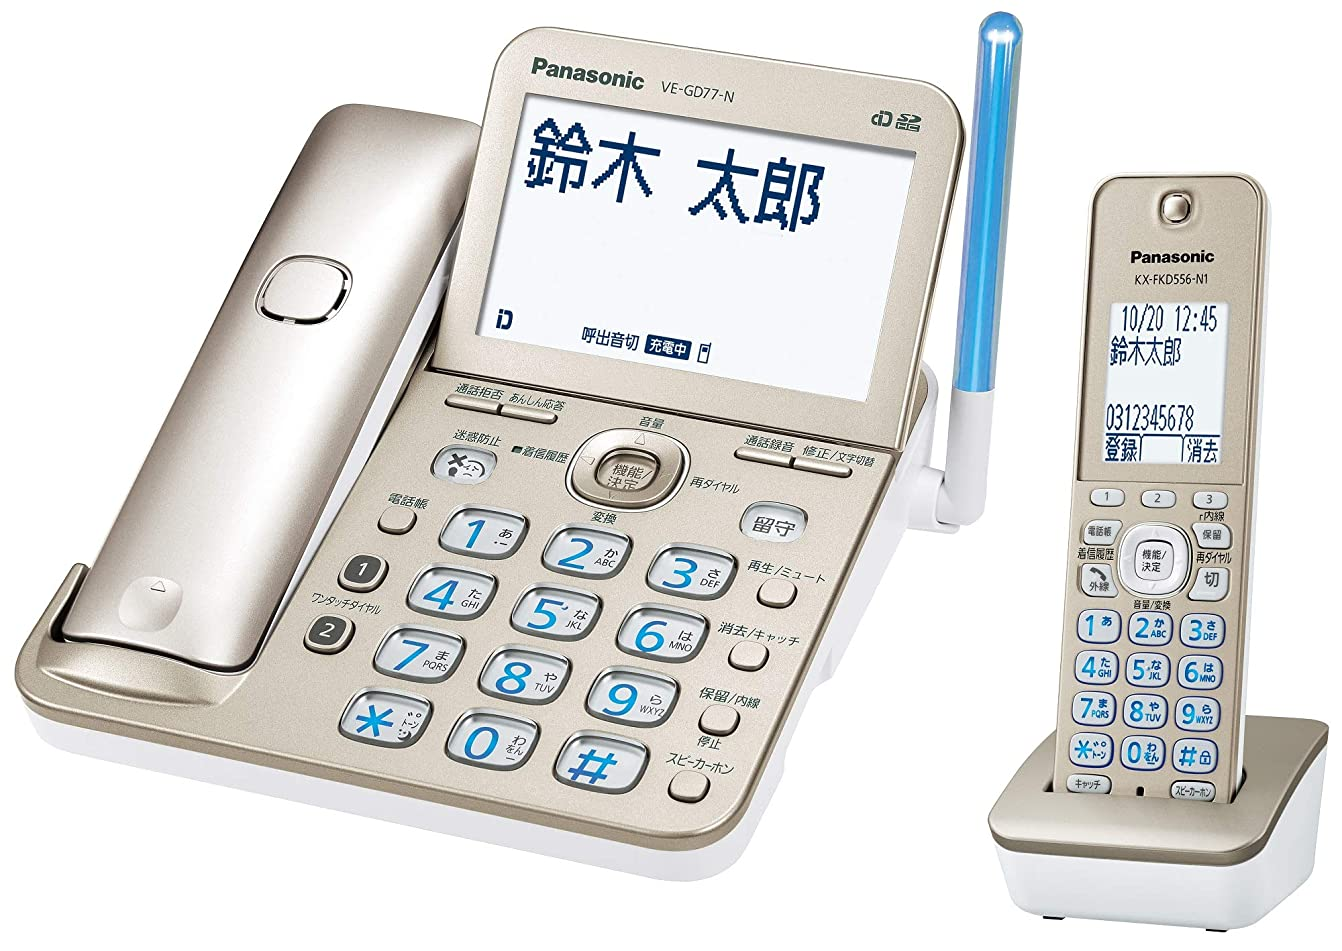 モードリン区画チーターパイオニア Pioneer TF-FA75 デジタルコードレス電話機 子機1台付 ブラック TF-FA75W(B) 【国内正規品】